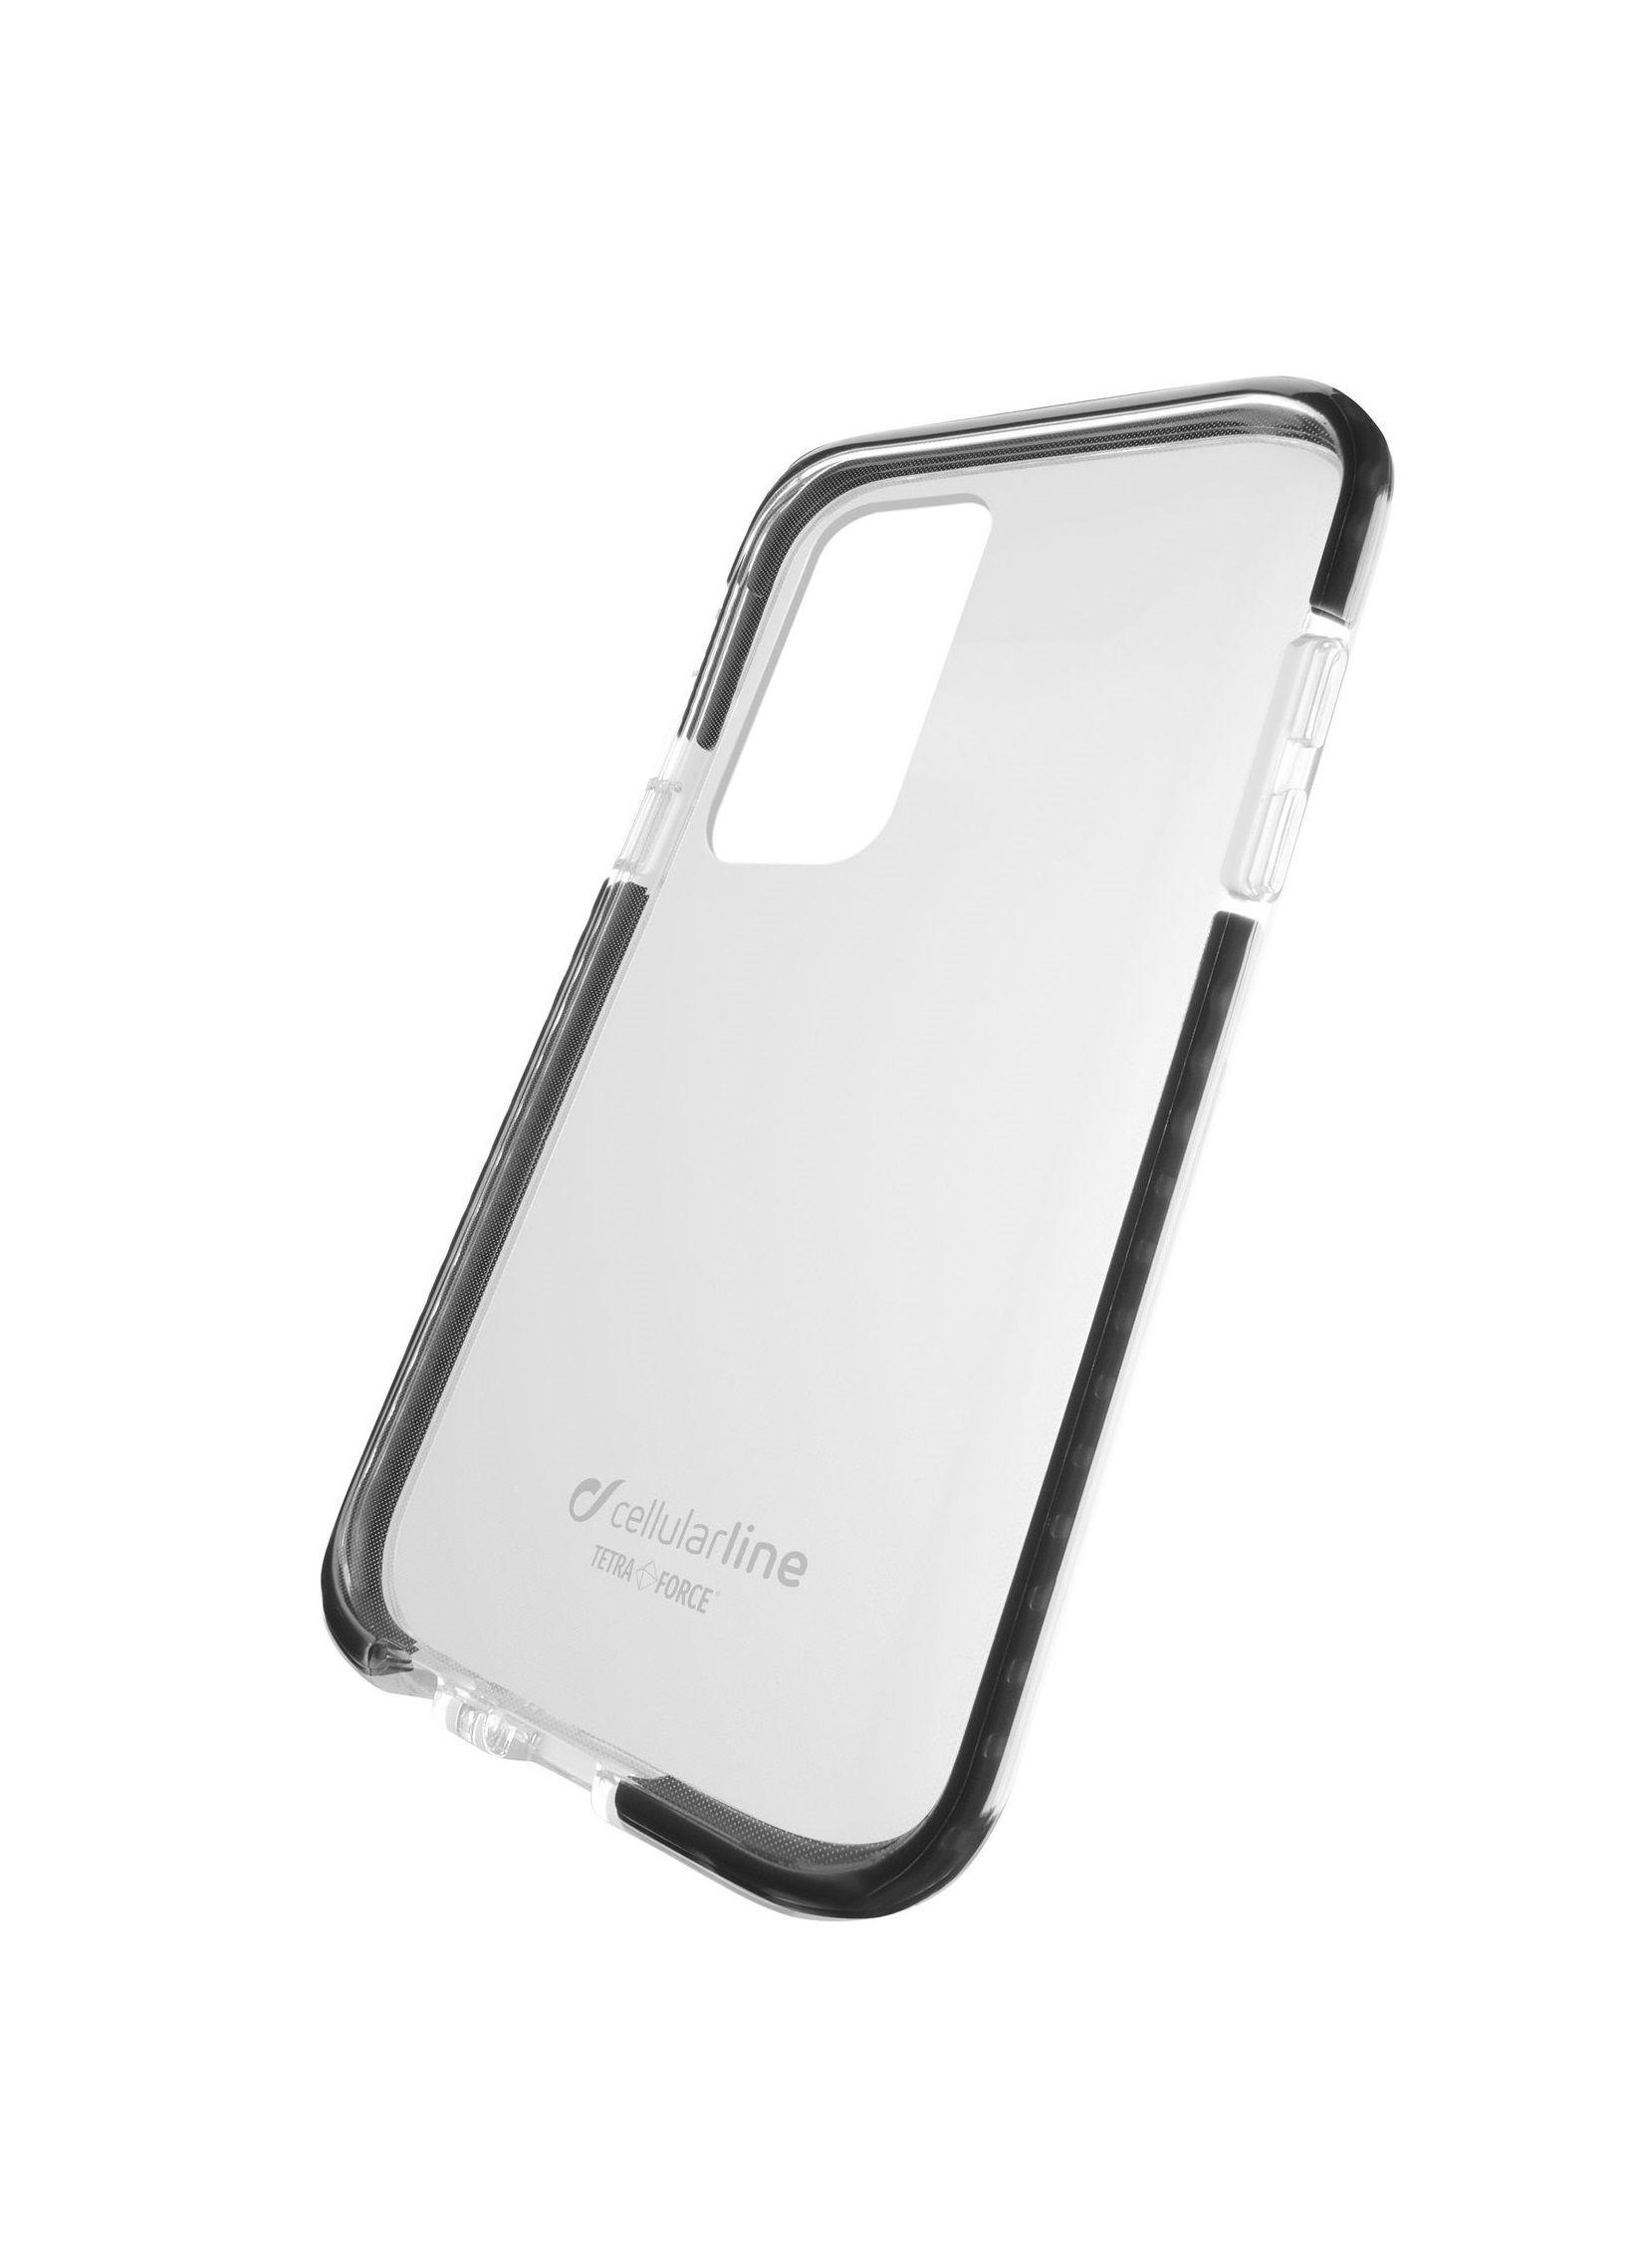 Ultra ochranné pouzdro Cellularline Tetra Force Shock-Twist pro Samsung Galaxy S20, 2 stupně ochrany, transp.